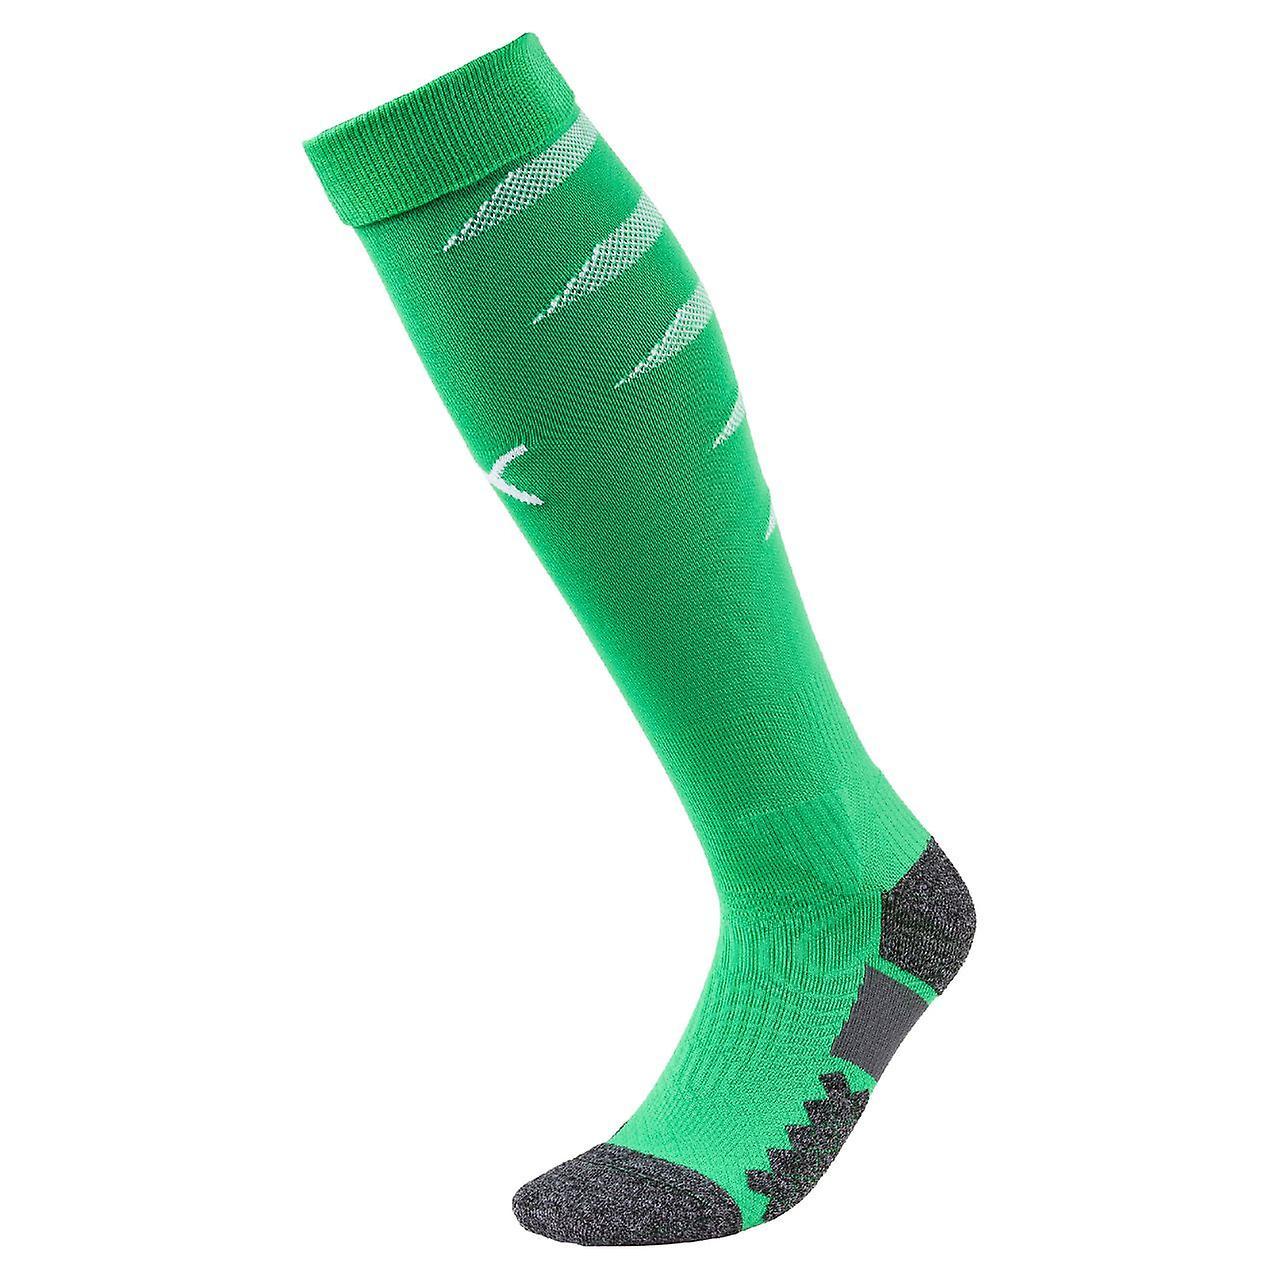 PUMA FINAL Socks